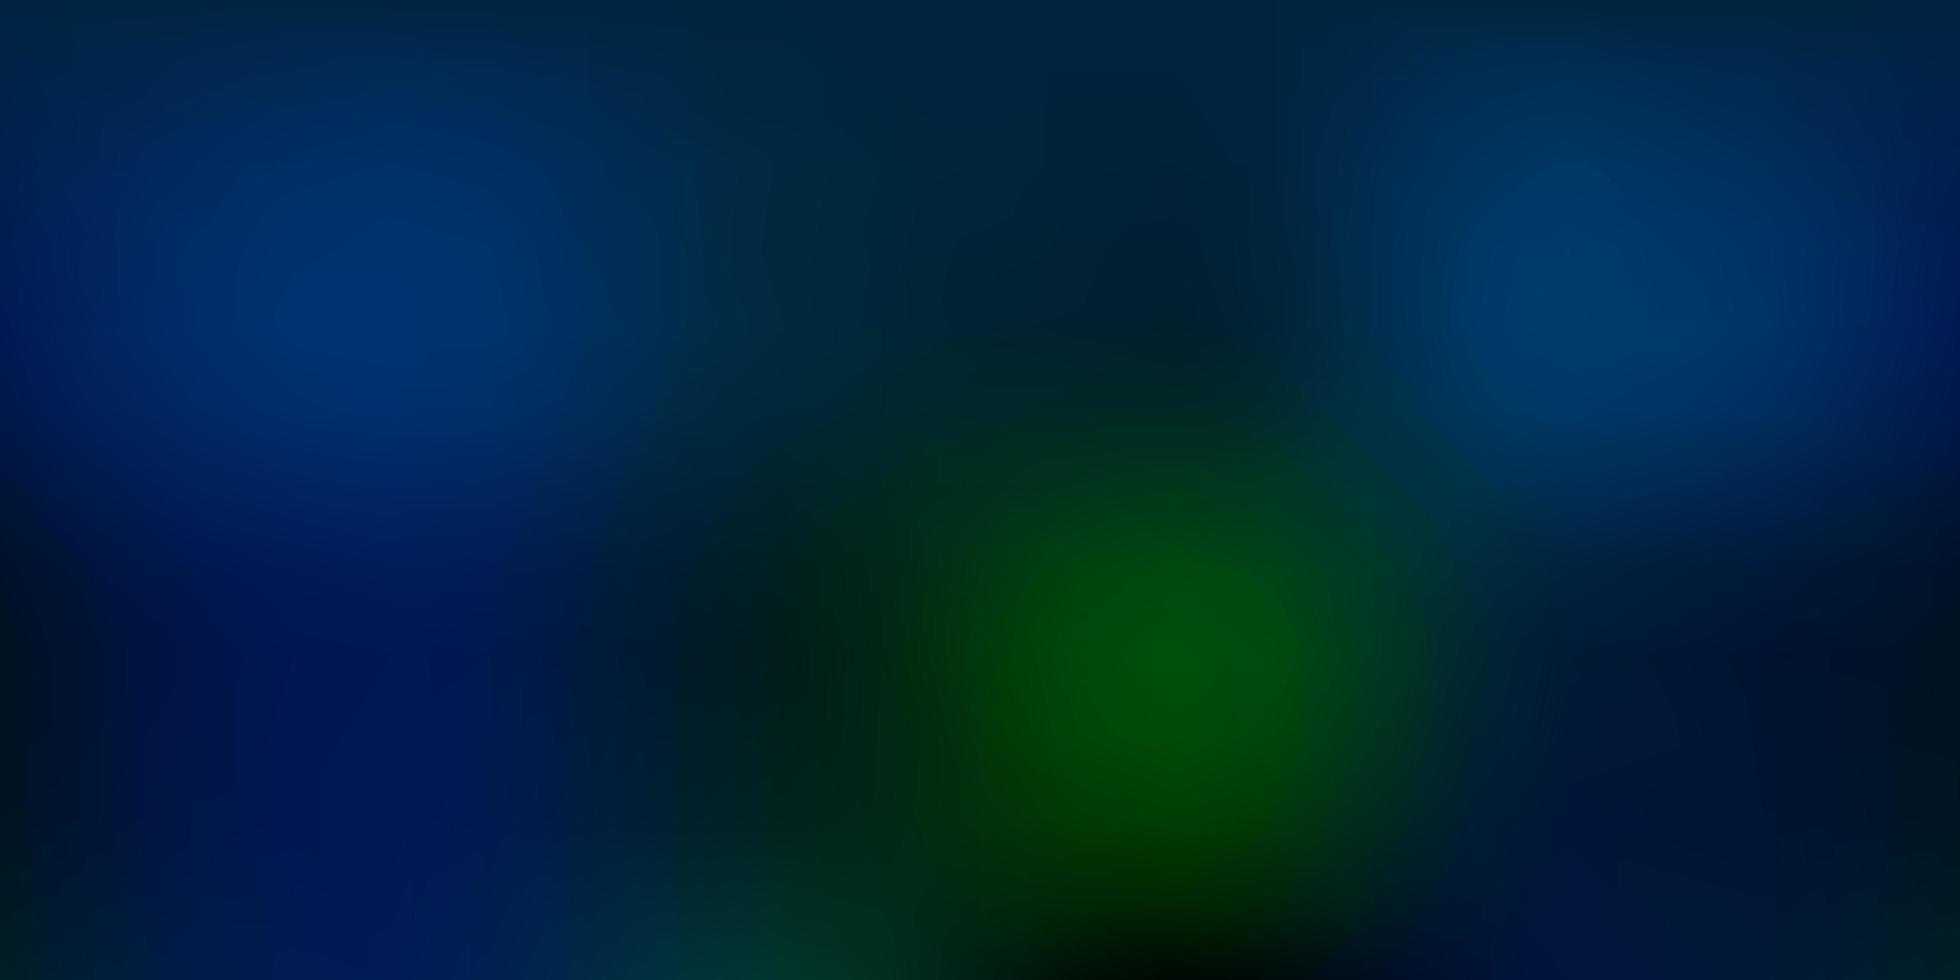 textura de desenfoque abstracto de vector azul oscuro, verde.